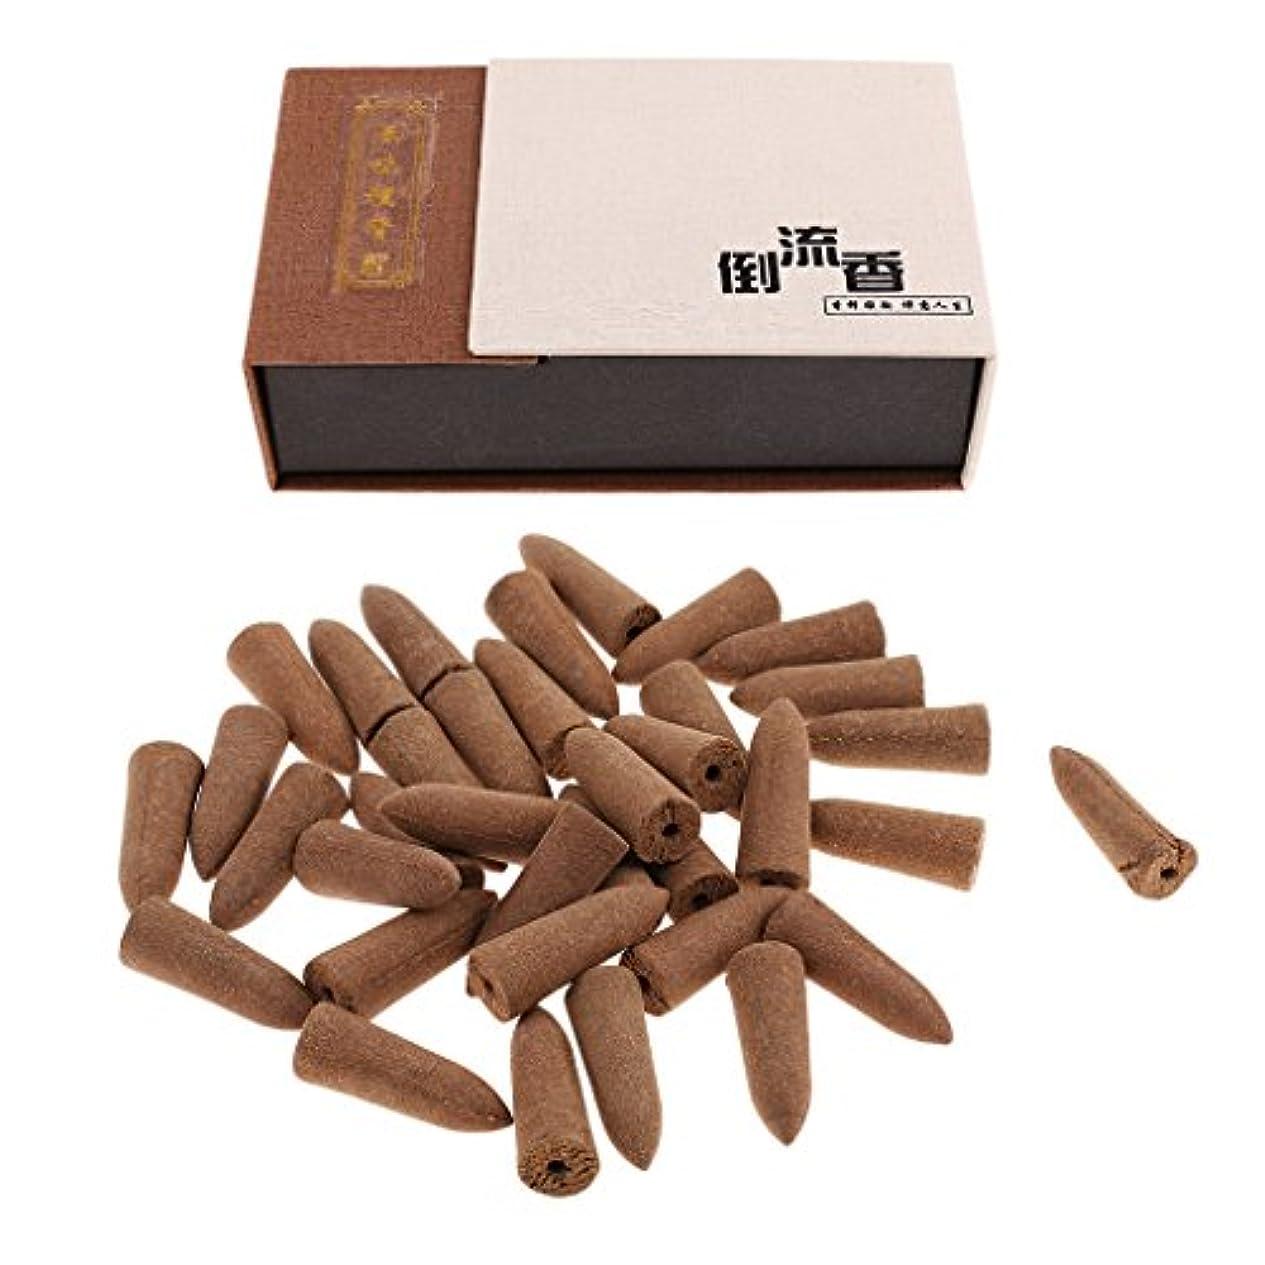 ピルファーモニターSunniMix お香 逆流香 コーン 20分間 36個セット 4種選択  仏壇 香炉  - アガーウッド